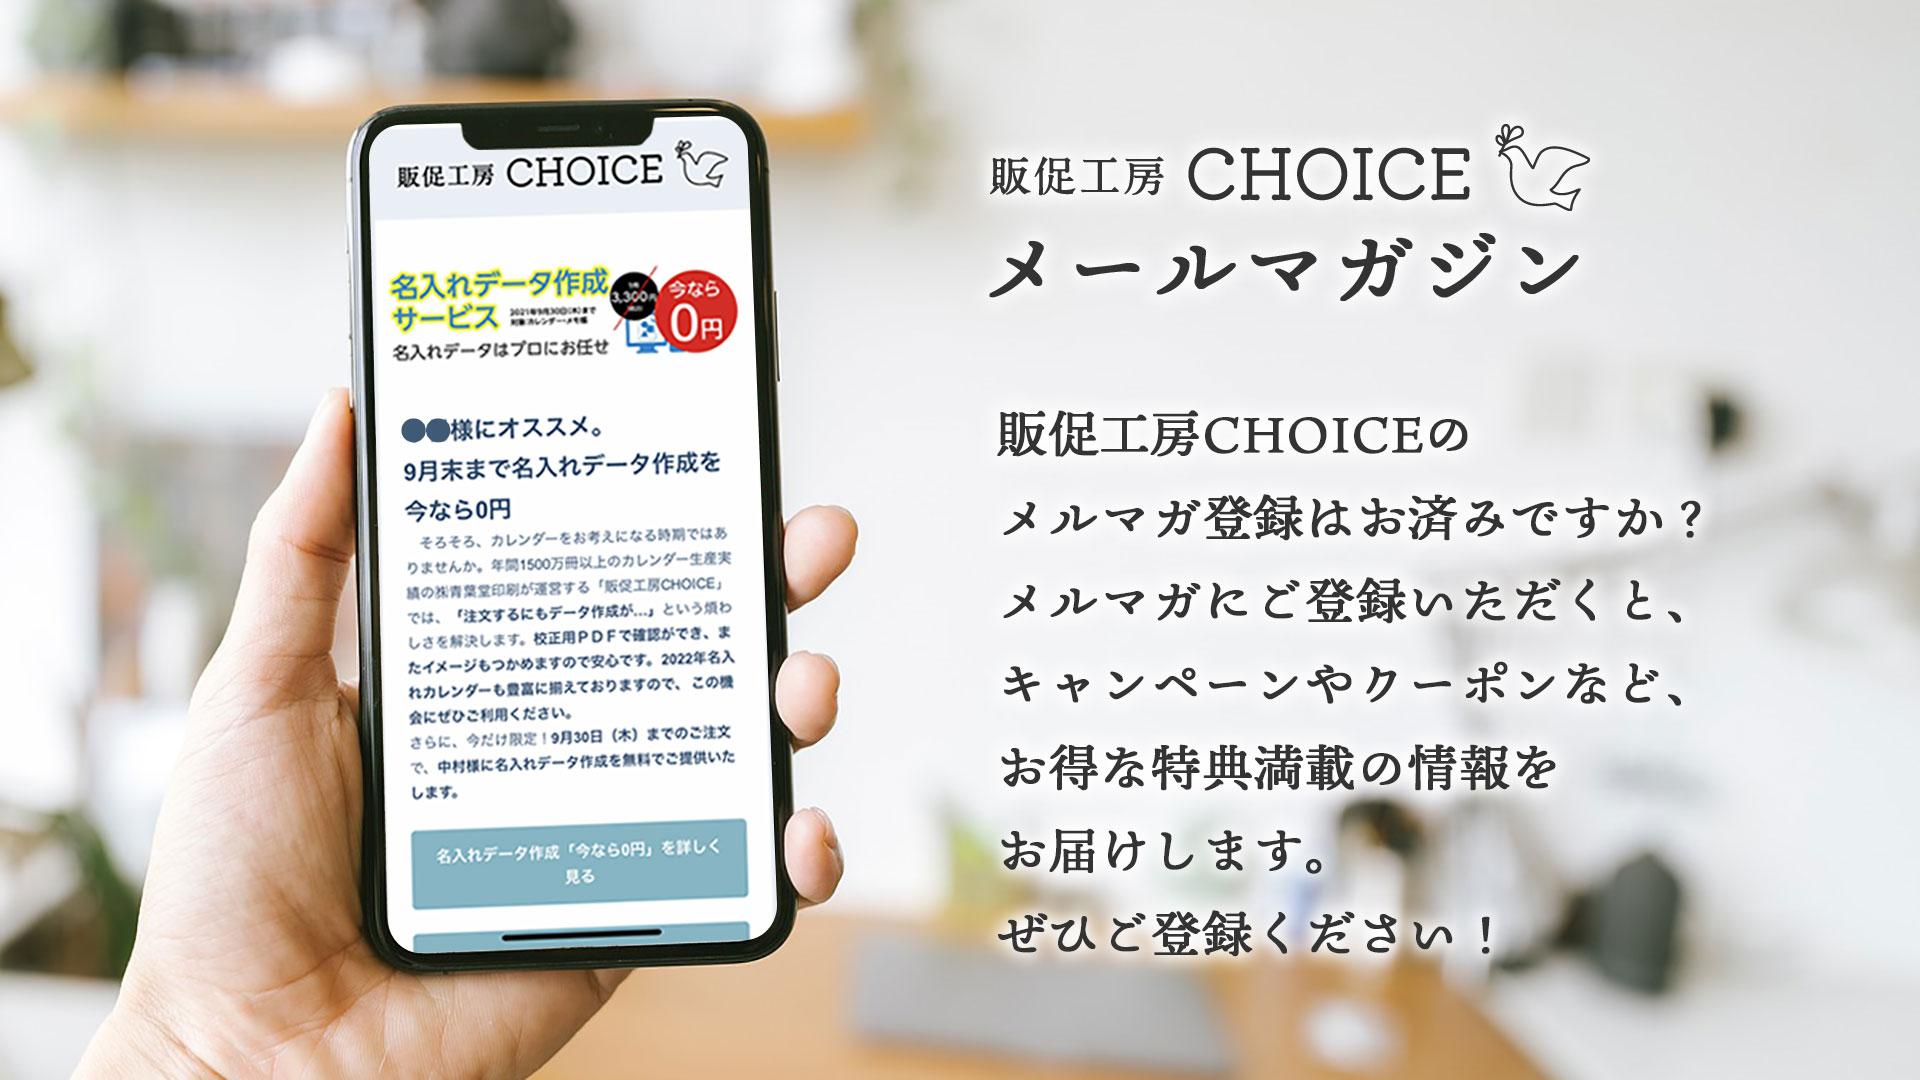 販促工房CHOICEの メルマガ登録はお済みですか? メルマガにご登録いただくと、 キャンペーンやクーポンなど、 お得な特典満載の情報を お届けします。 ぜひご登録ください!